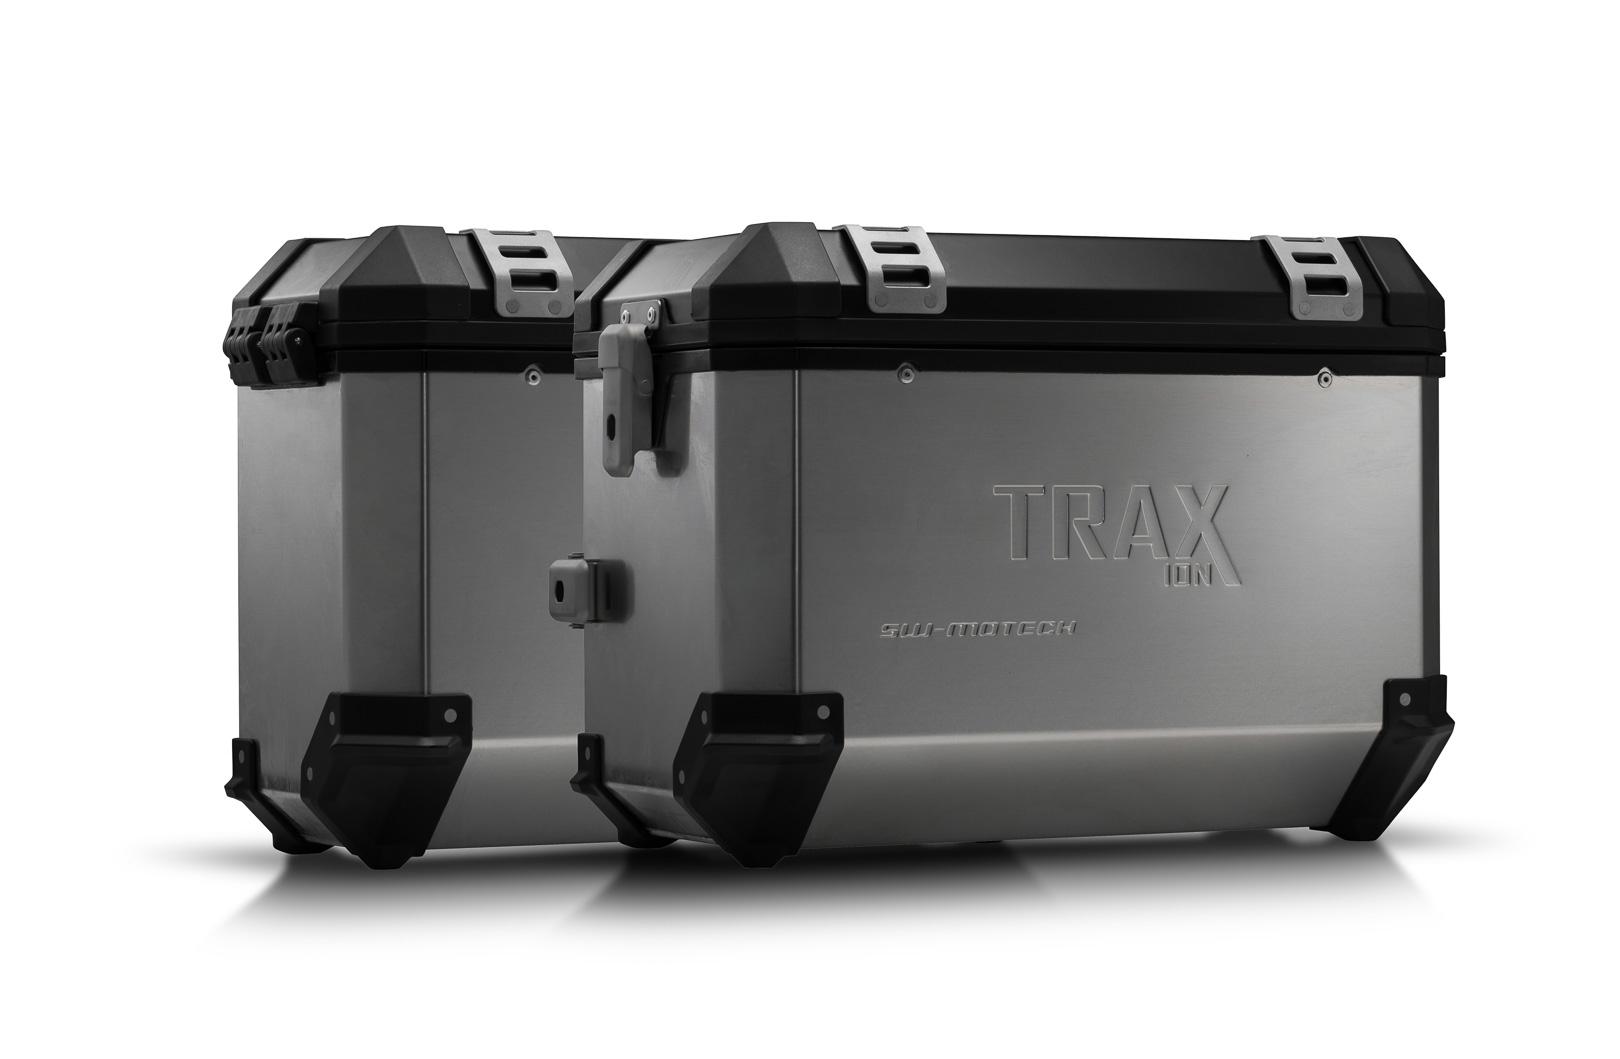 Kit valises SW-Motech Trax ION 45/45L grises KTM 990 SMT 09-14